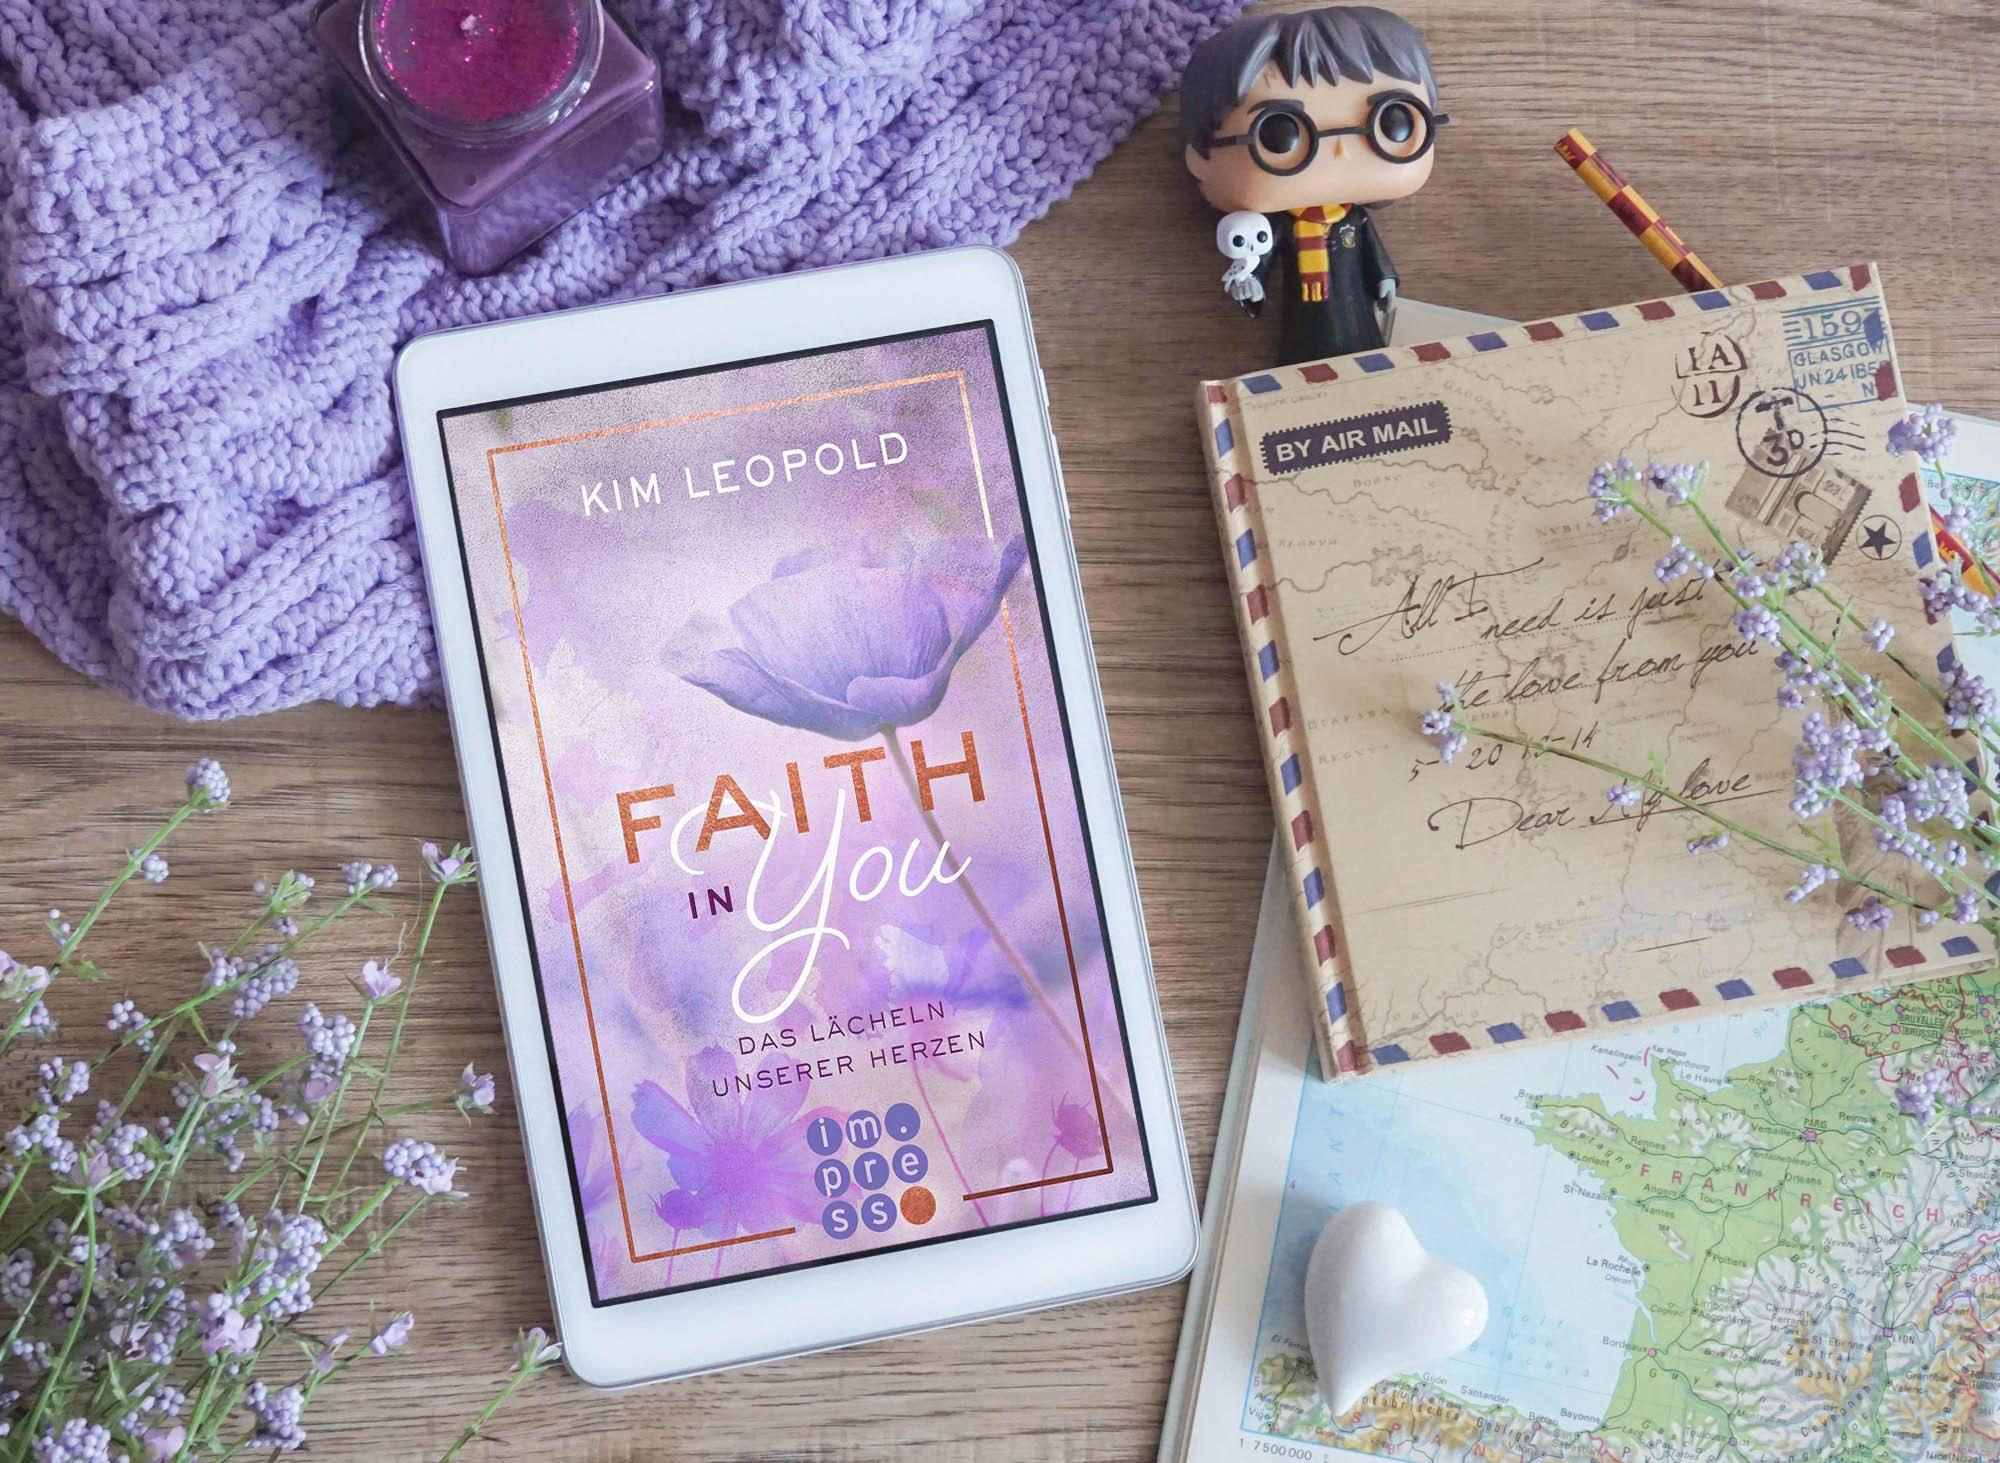 Faith in you: Das Lächeln unserer Herzen – Kim Leopold graphic